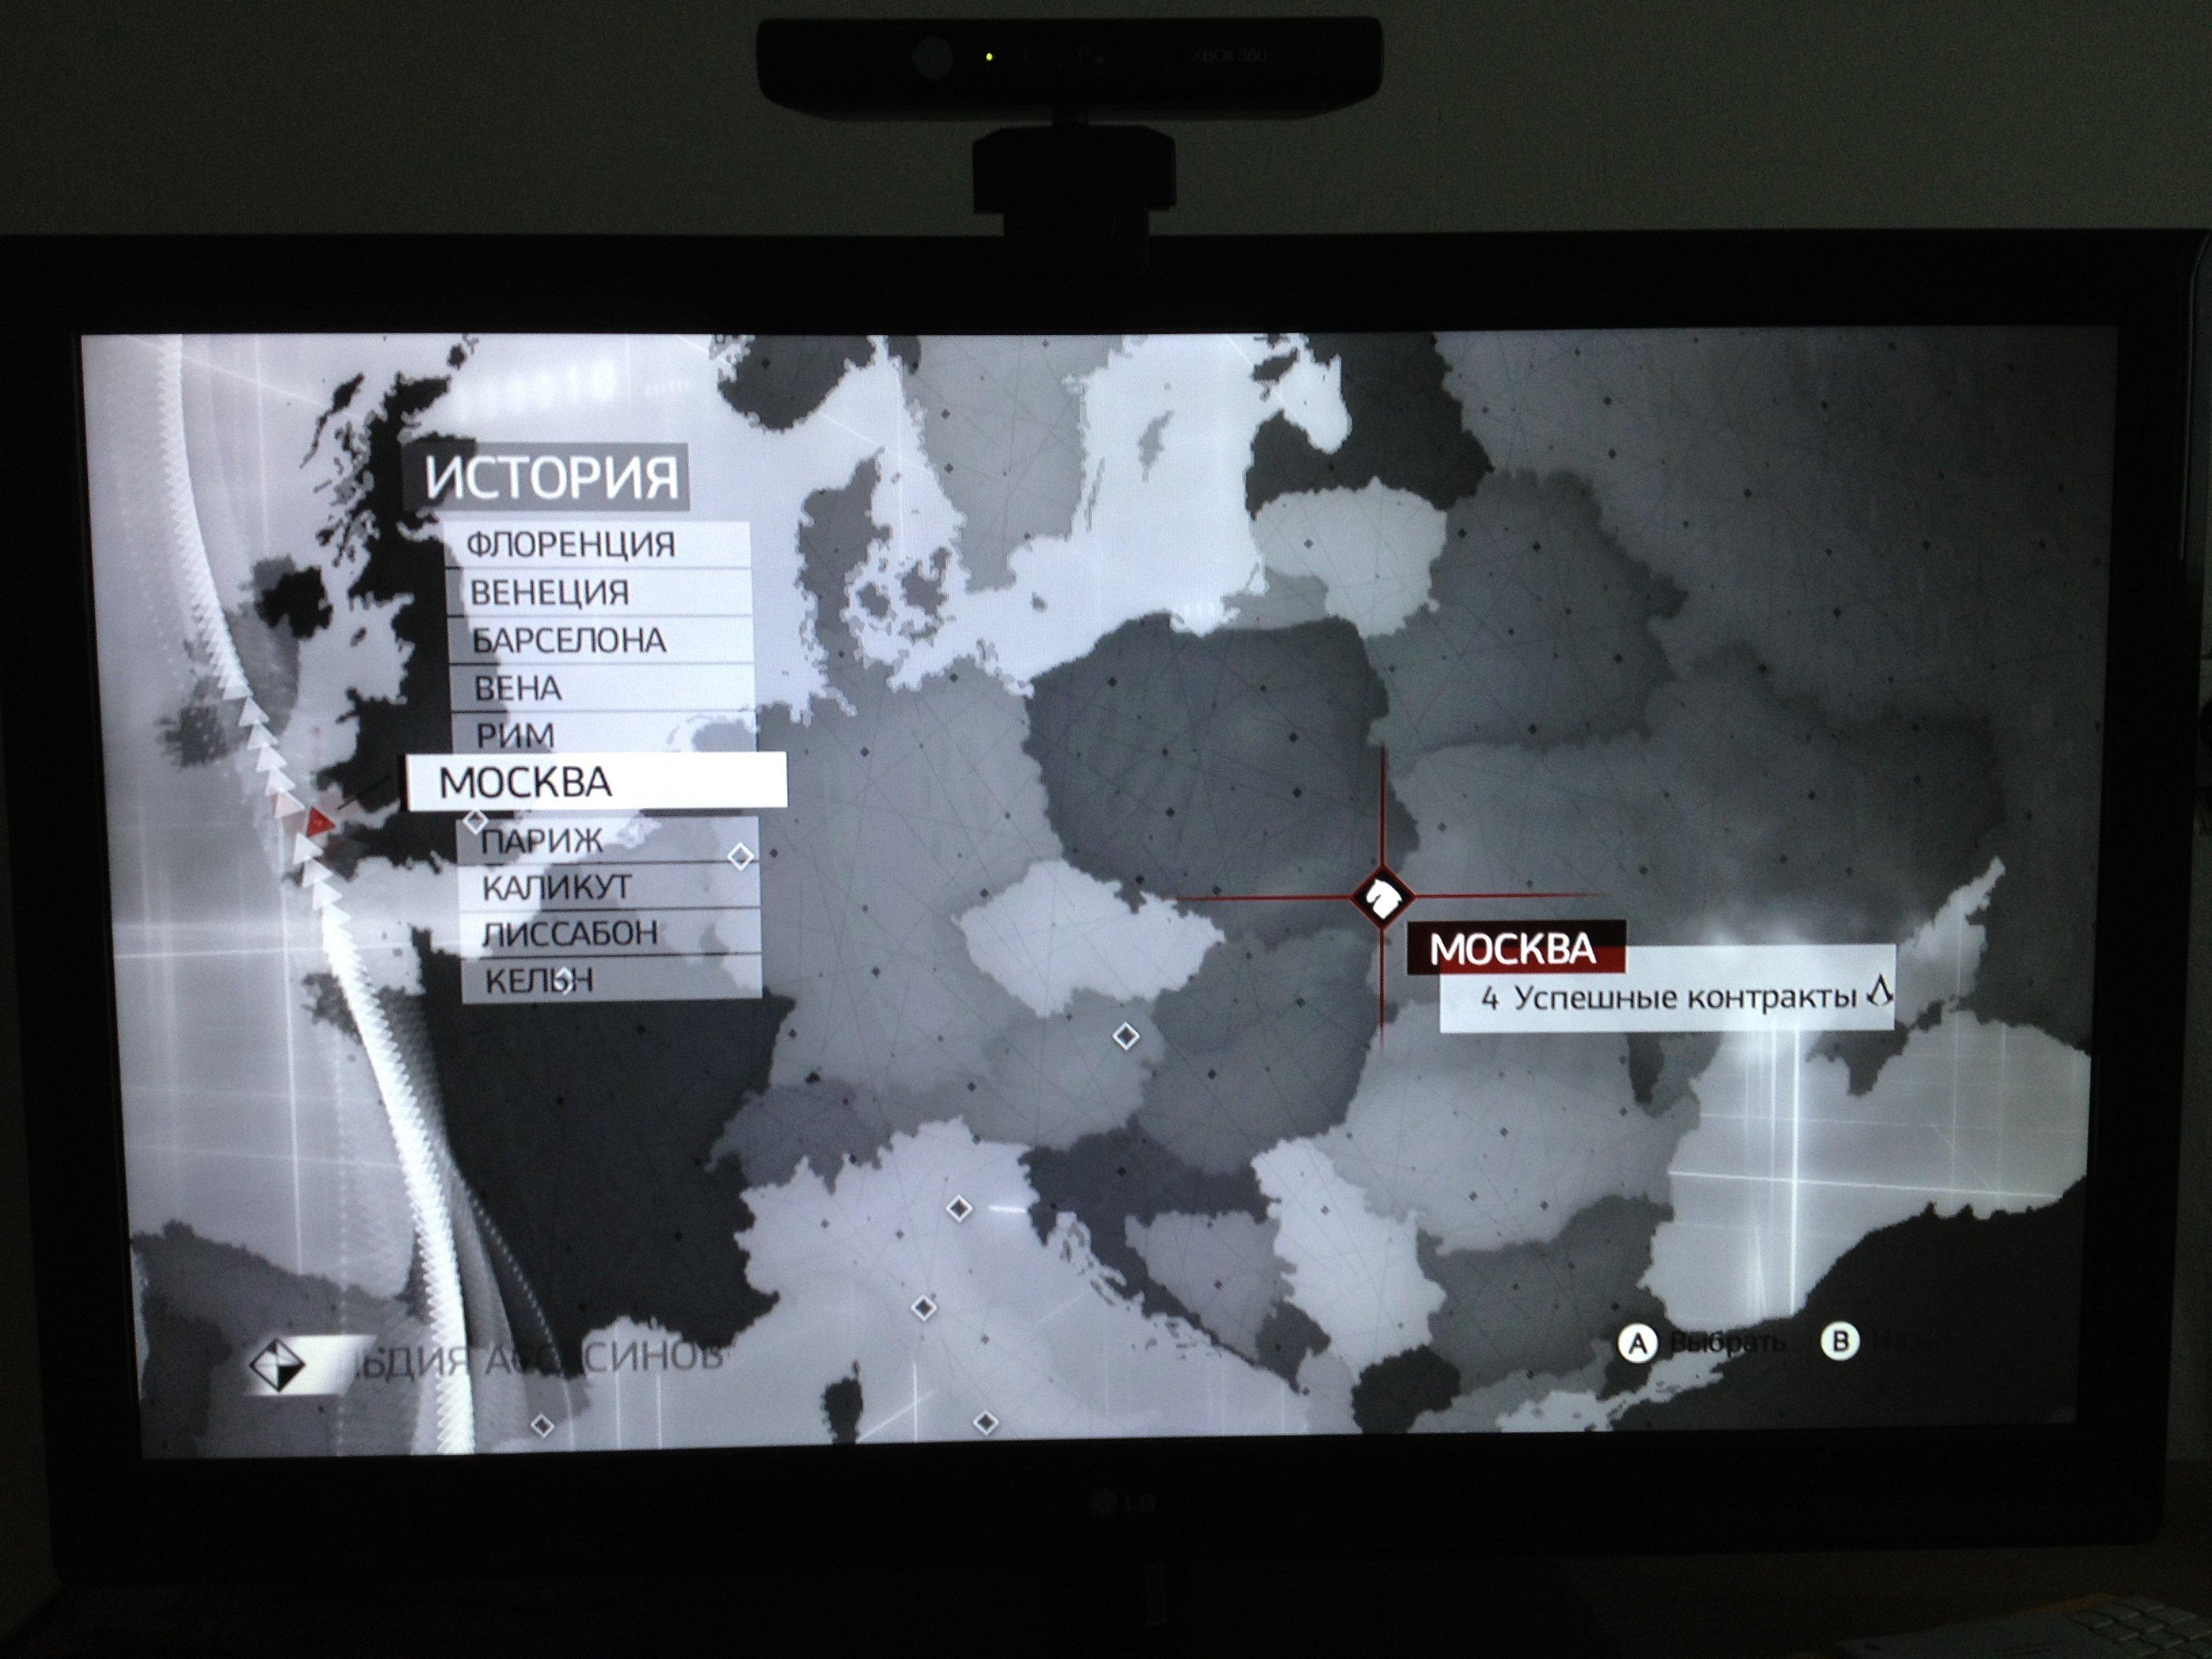 Прохожу я значит AC: Brotherhood и тут замечаю что москва то оказывается на границе Украины и Польши 0_о #самоеглавное. - Изображение 1